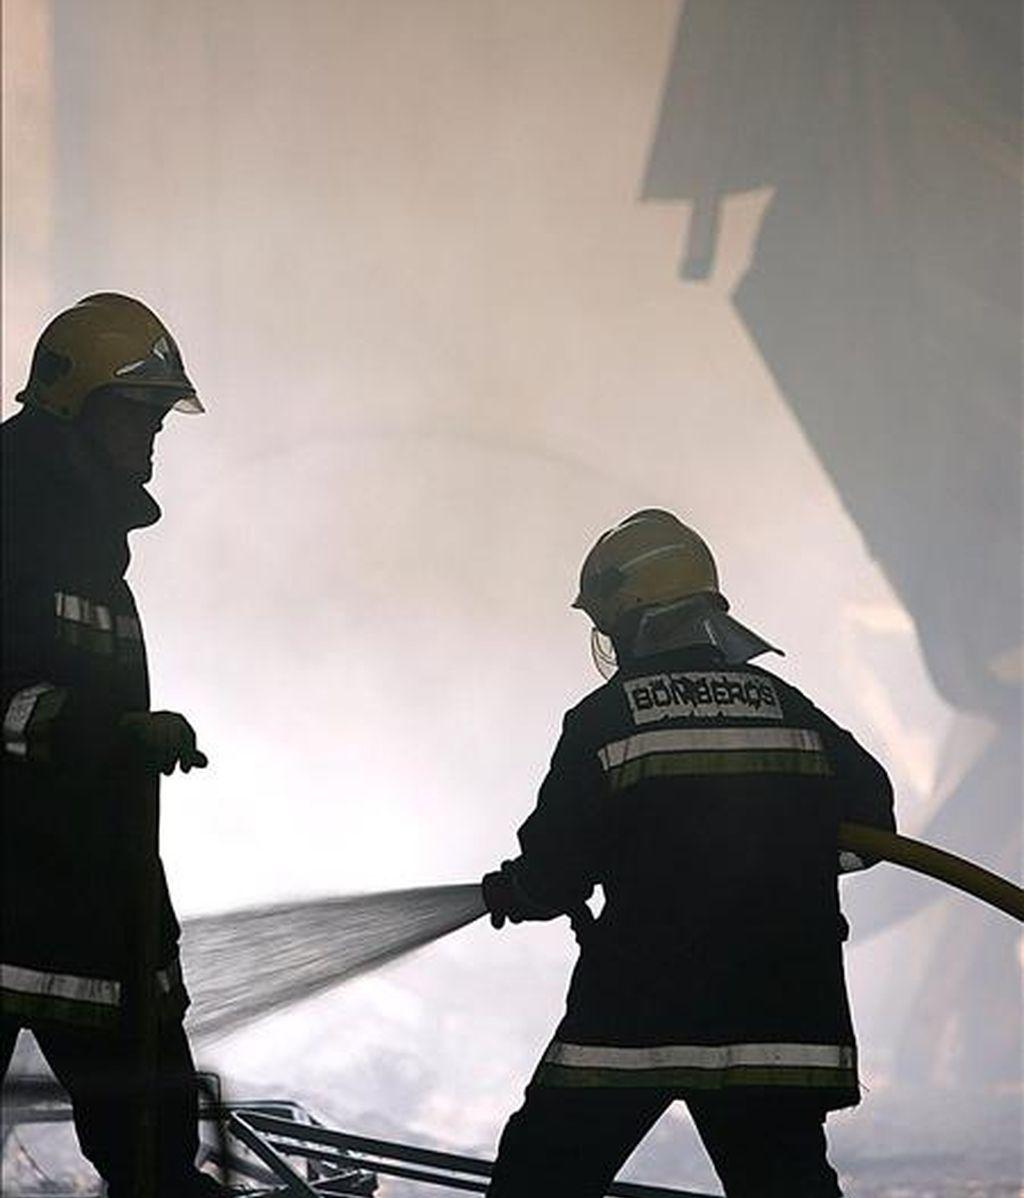 Varios bomberos trabajan en la extinción de un incendio en 2005 en el polígono Santa Cruz de la capital malagueña. EFE/Archivo